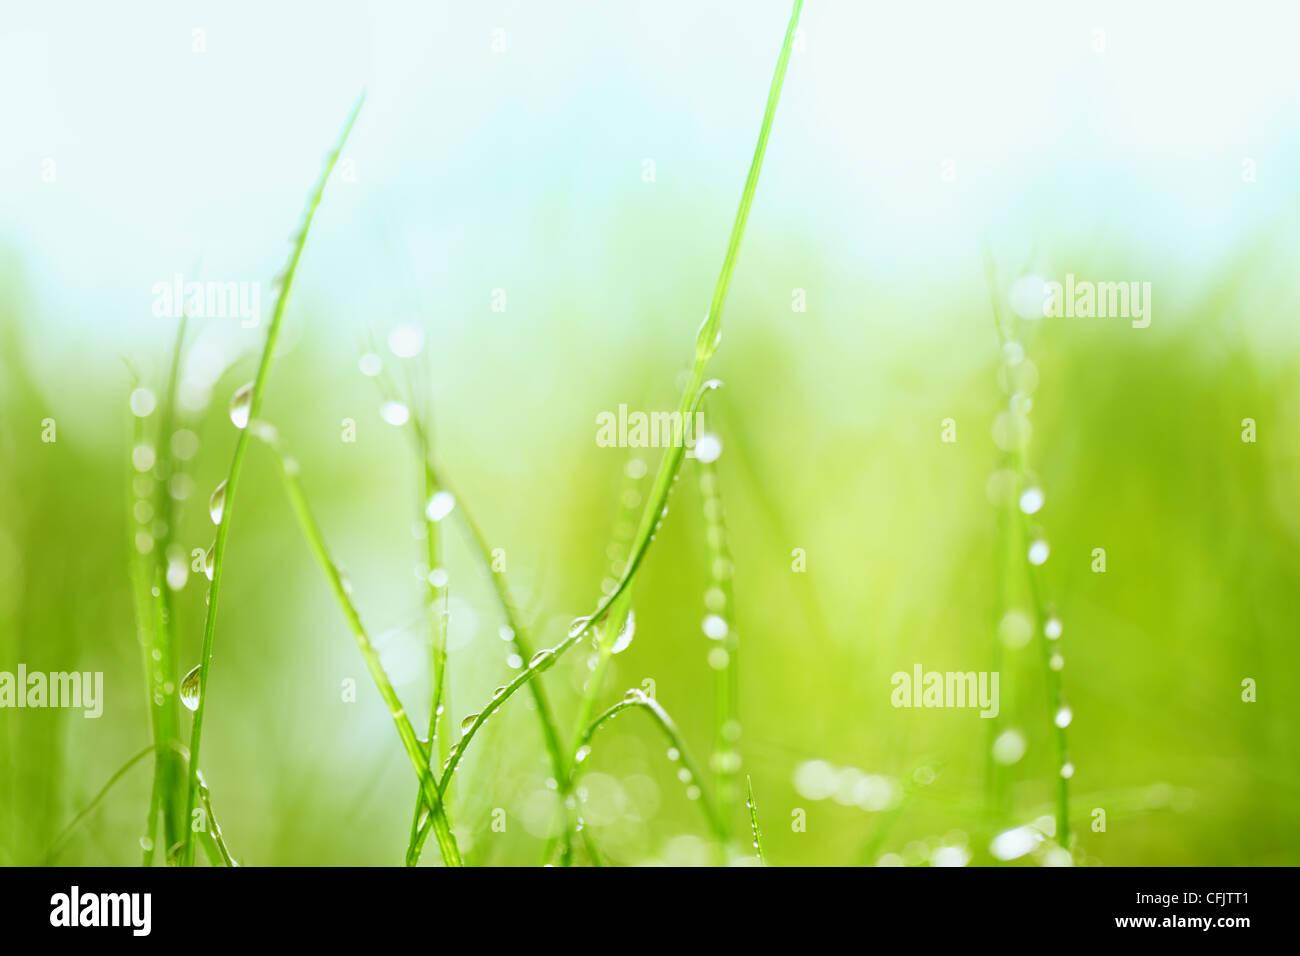 Erba verde con gocce d'acqua,Closeup. Immagini Stock